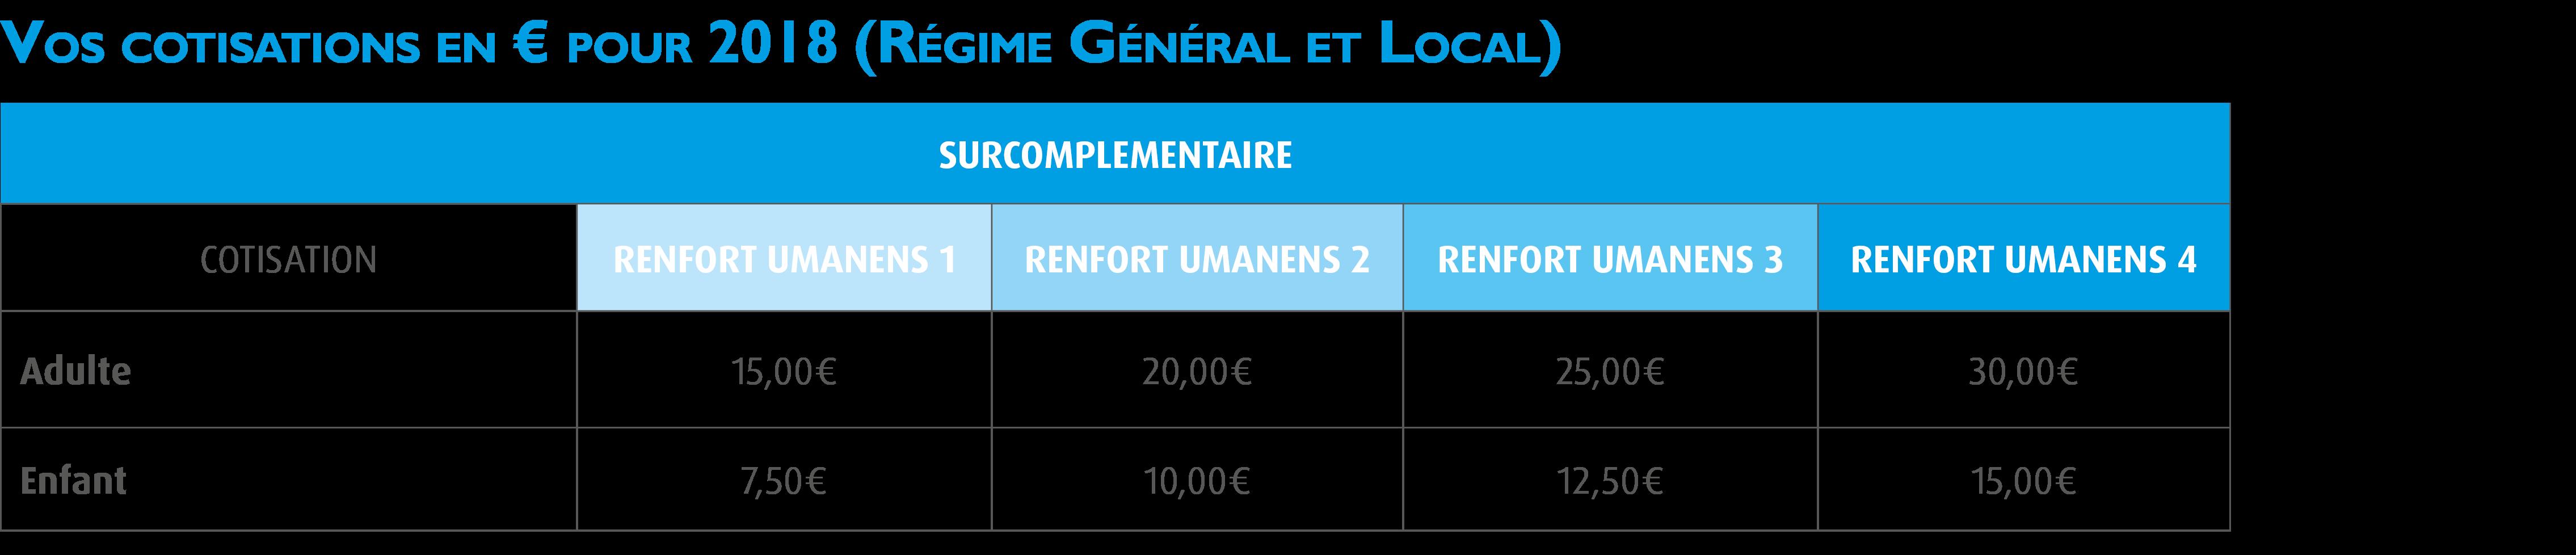 Surcomplémentaire santé Renfort Umanens d5a8a0067413